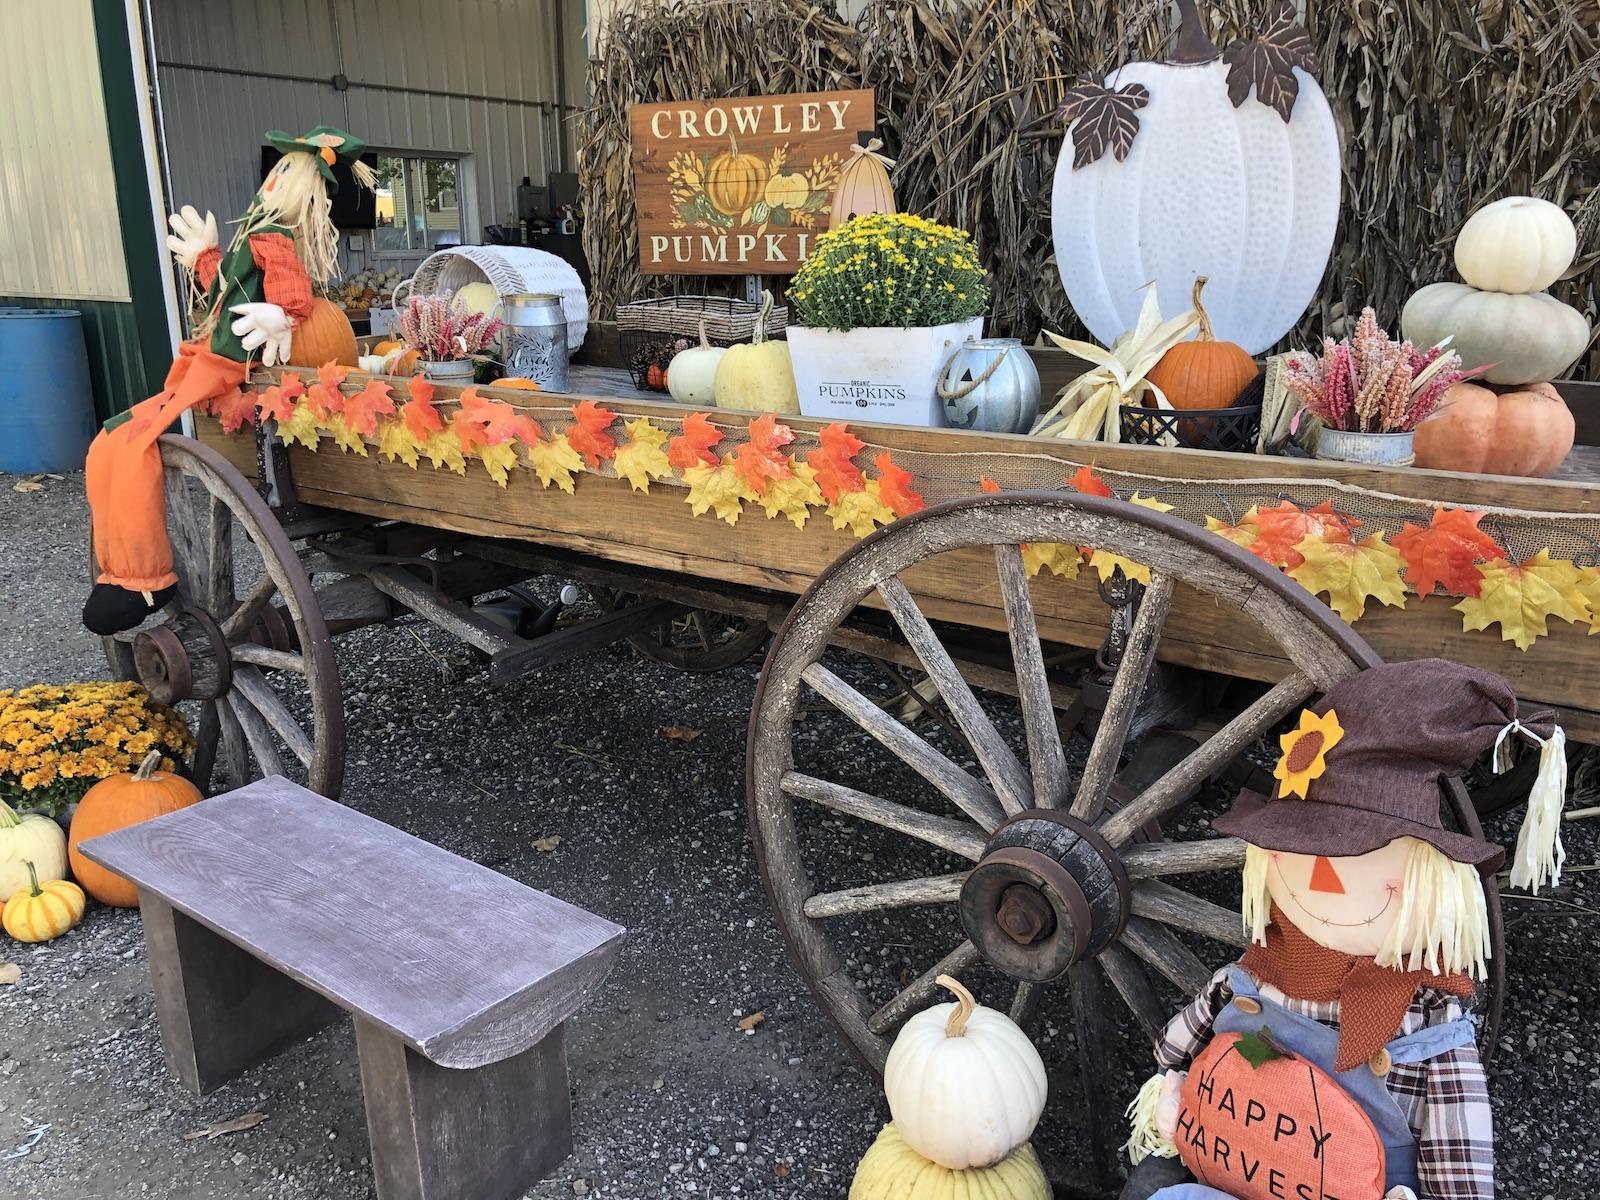 Crowley Pumpkins Photo Spot